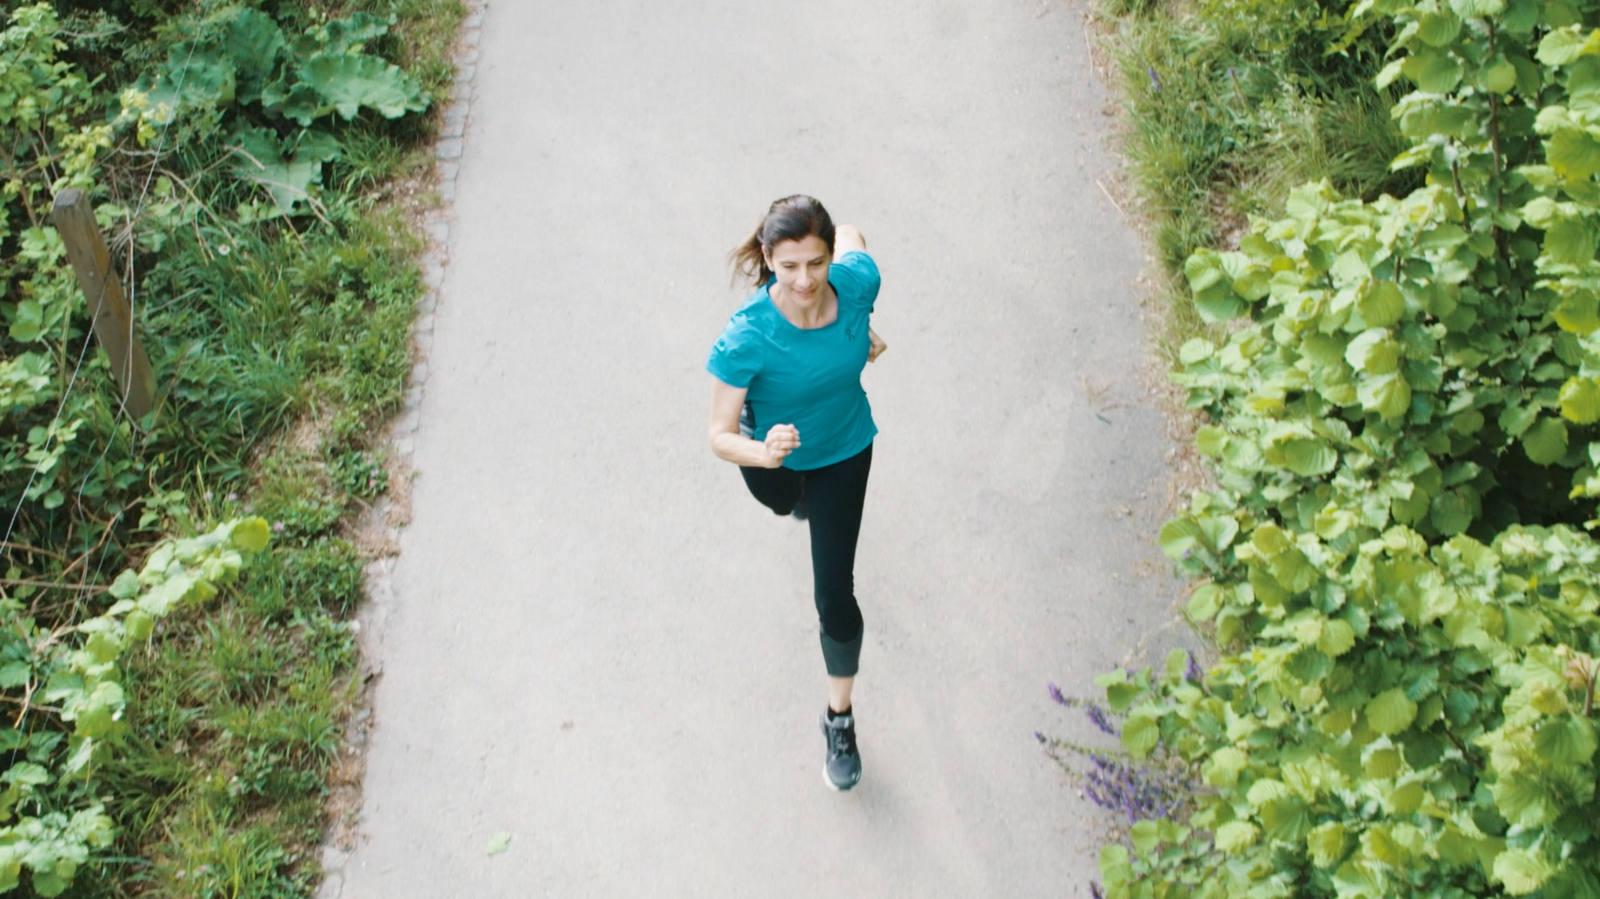 Lauftechnik verbessern: zwei Übungen für Ihre Laufroutine